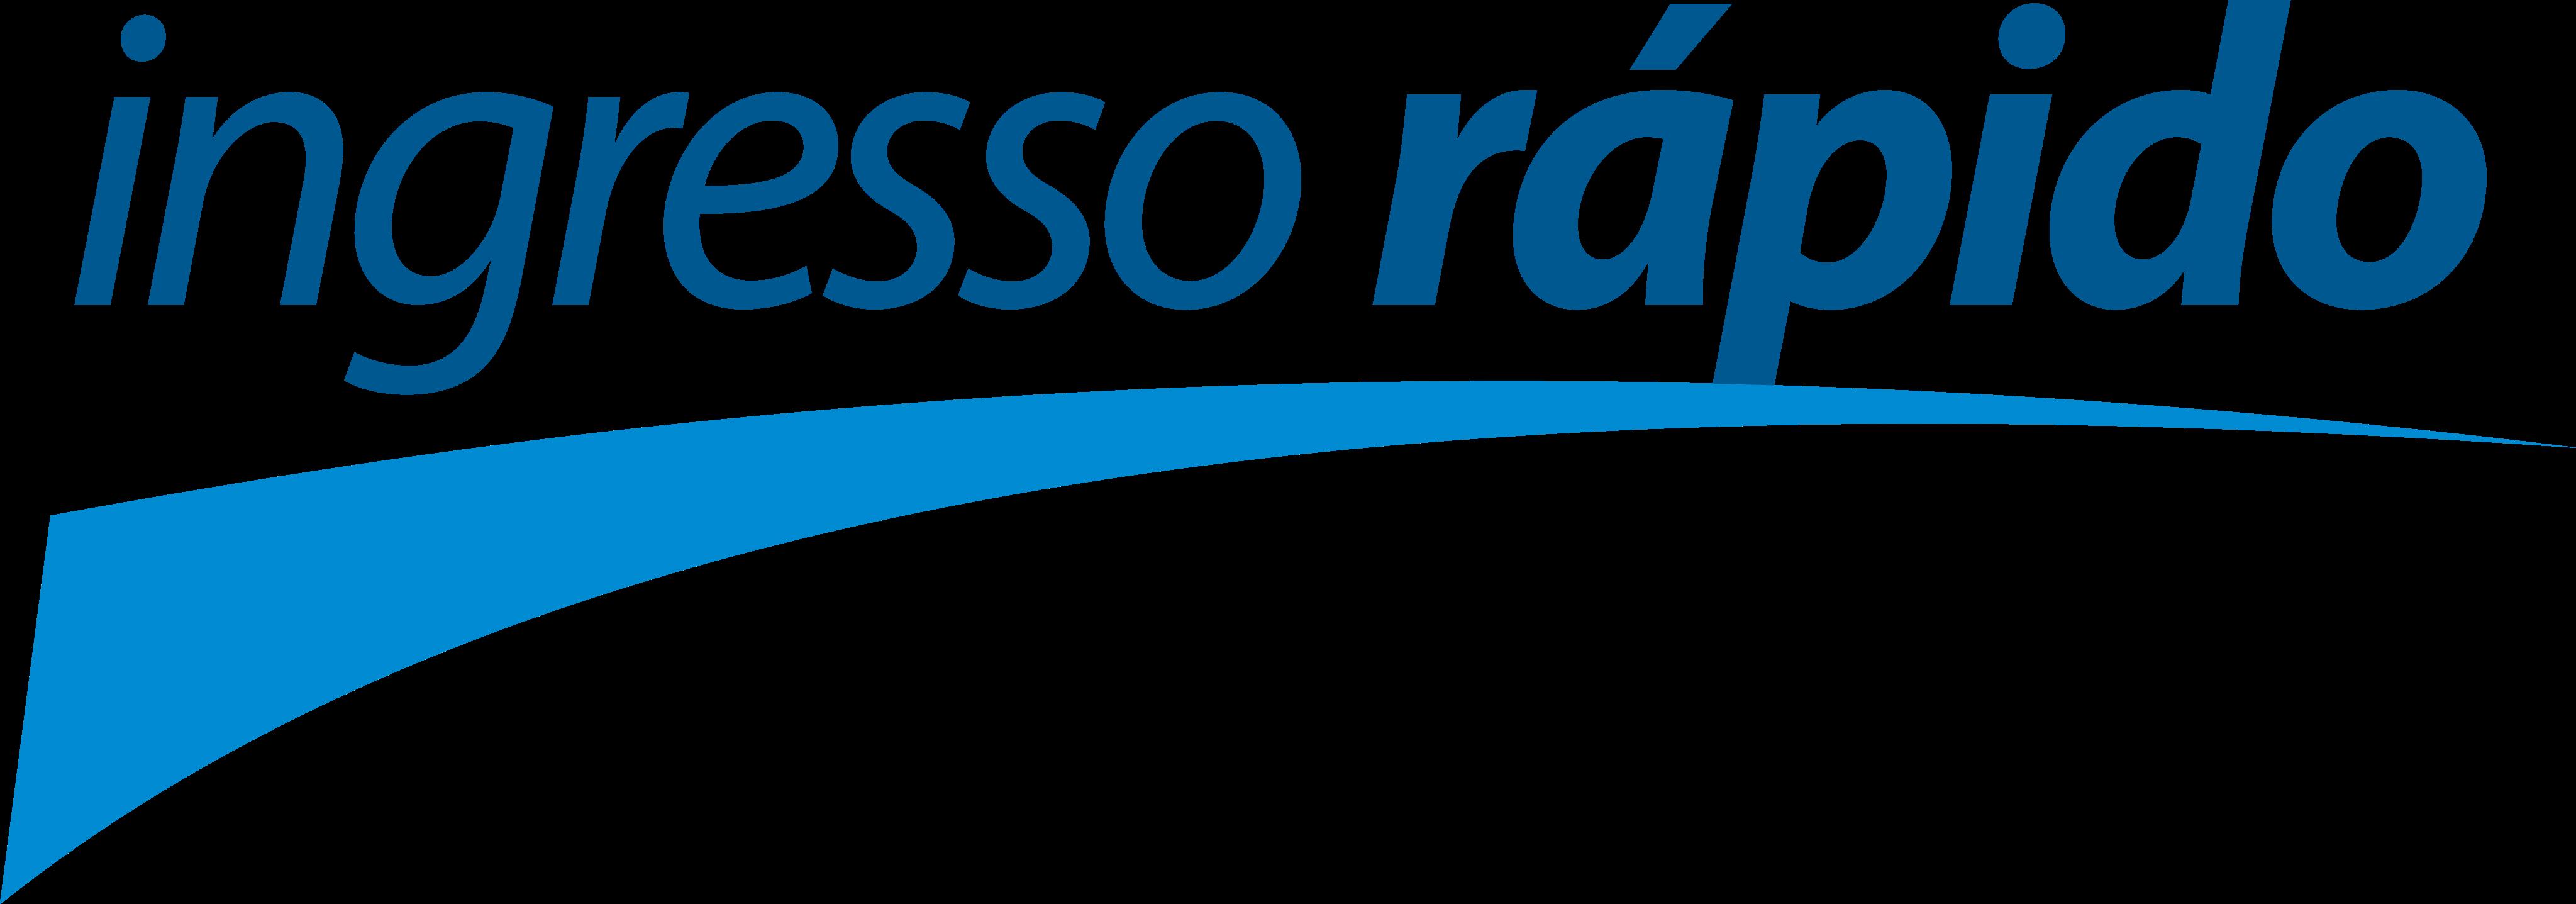 ingresso rapido logo - Ingresso Rápido Logo